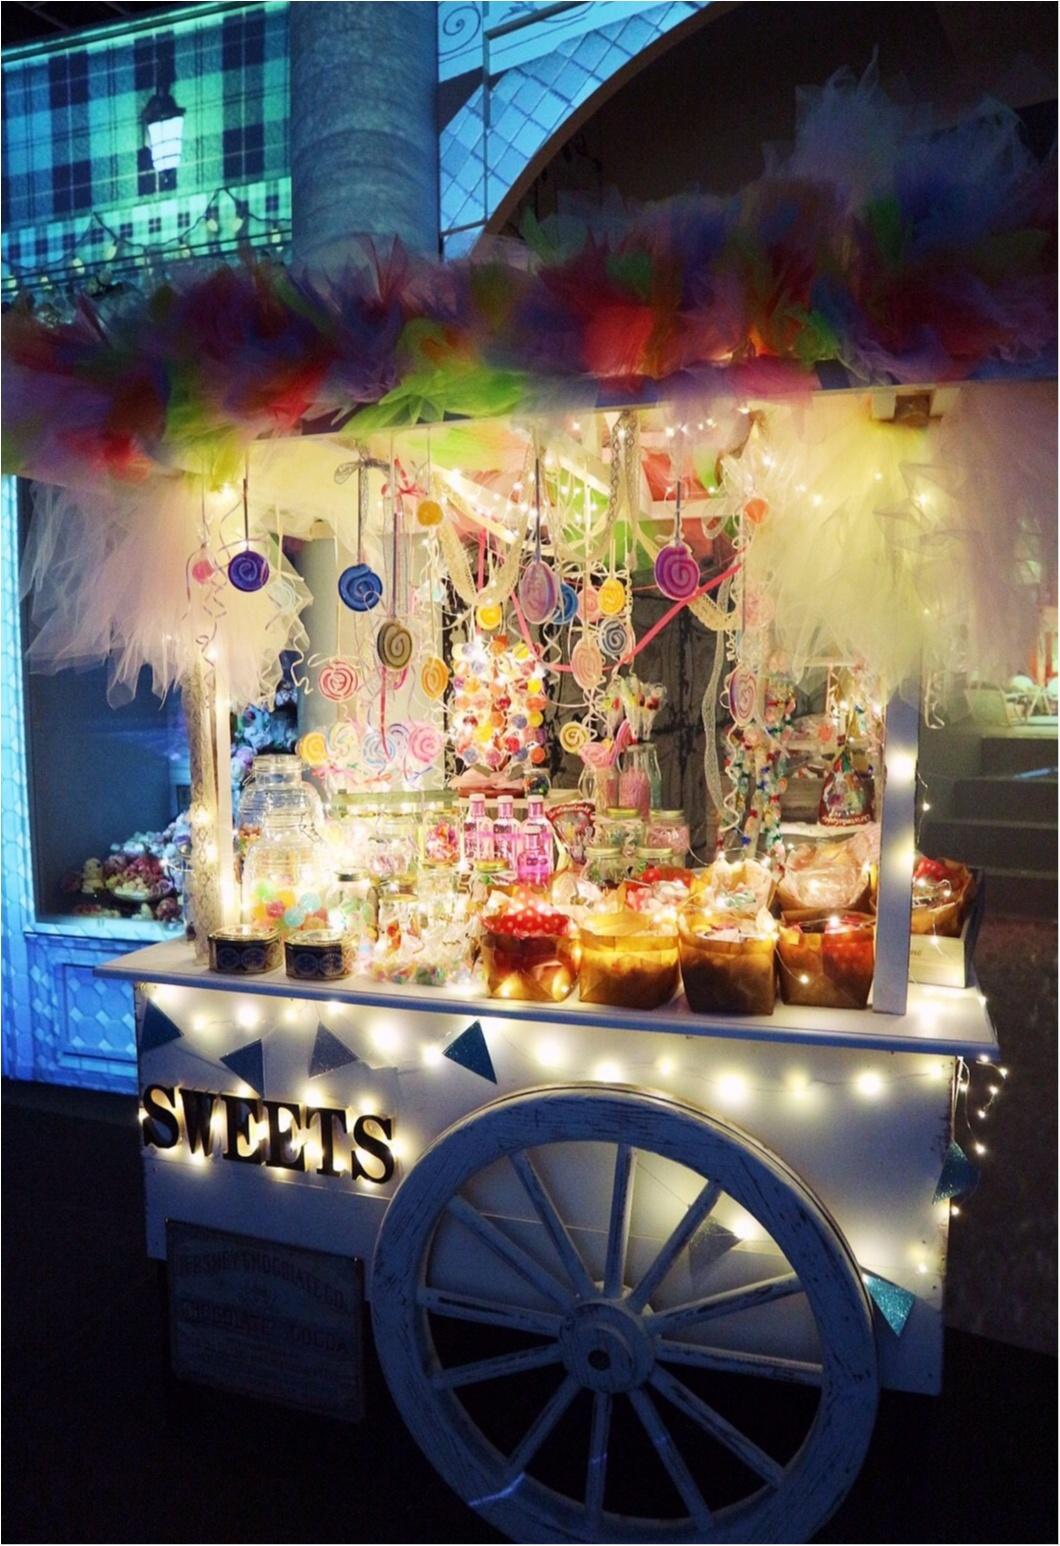 『お菓子の街』が表参道に現れた!キャンディのネオン看板❤︎ハチミツの街灯❤︎ブラウニーの石畳❤︎チョコレートの惑星❤︎カップケーキの火山…お菓子の魔法にかけられて✨≪samenyan≫_26